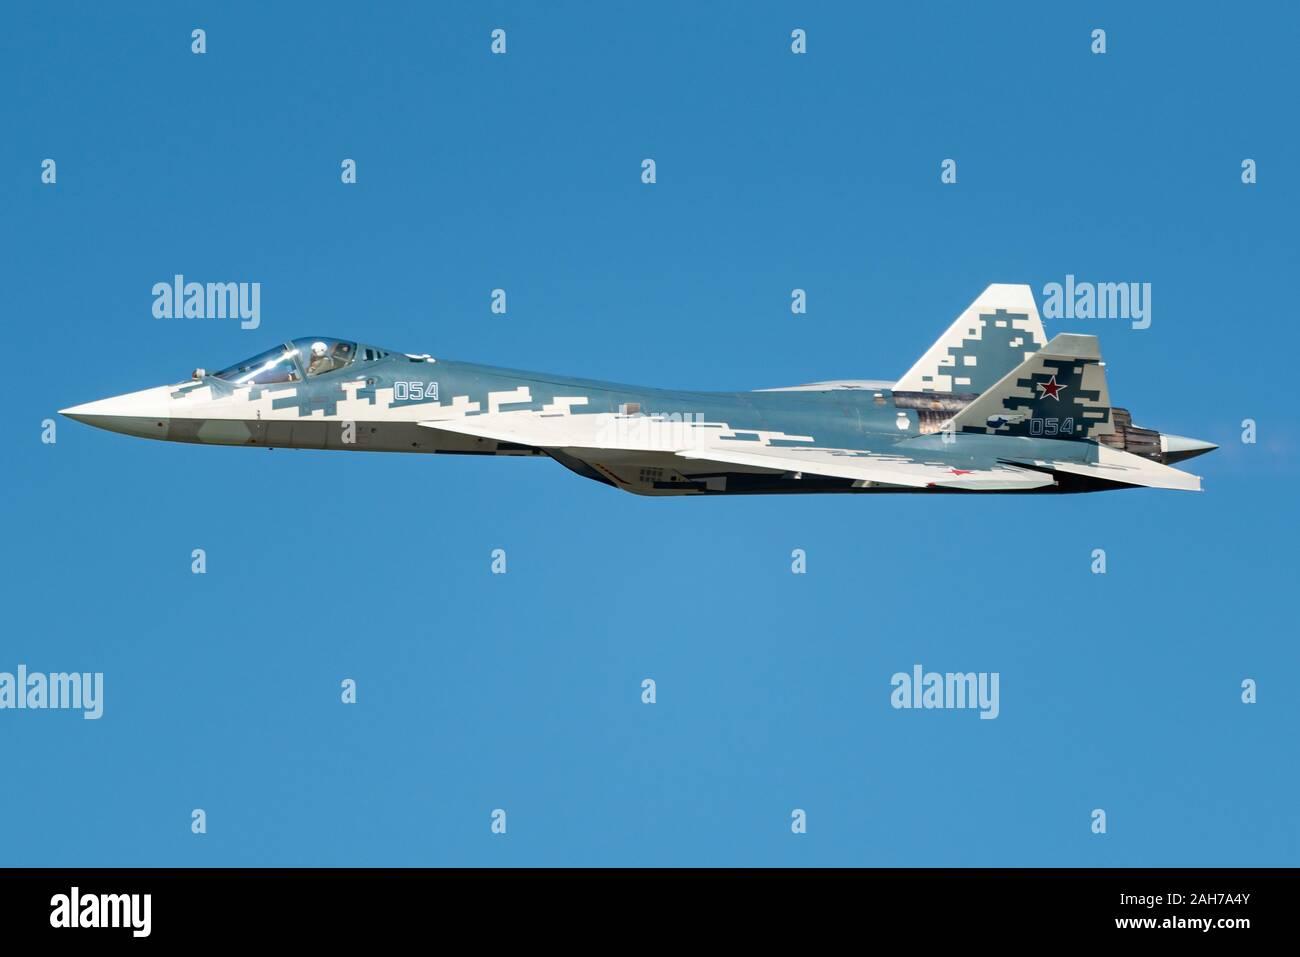 Sukhoi Su-57 Stealth Fighter jet de la Fuerza Aérea rusa en el MAKS 2019 airshow. Foto de stock